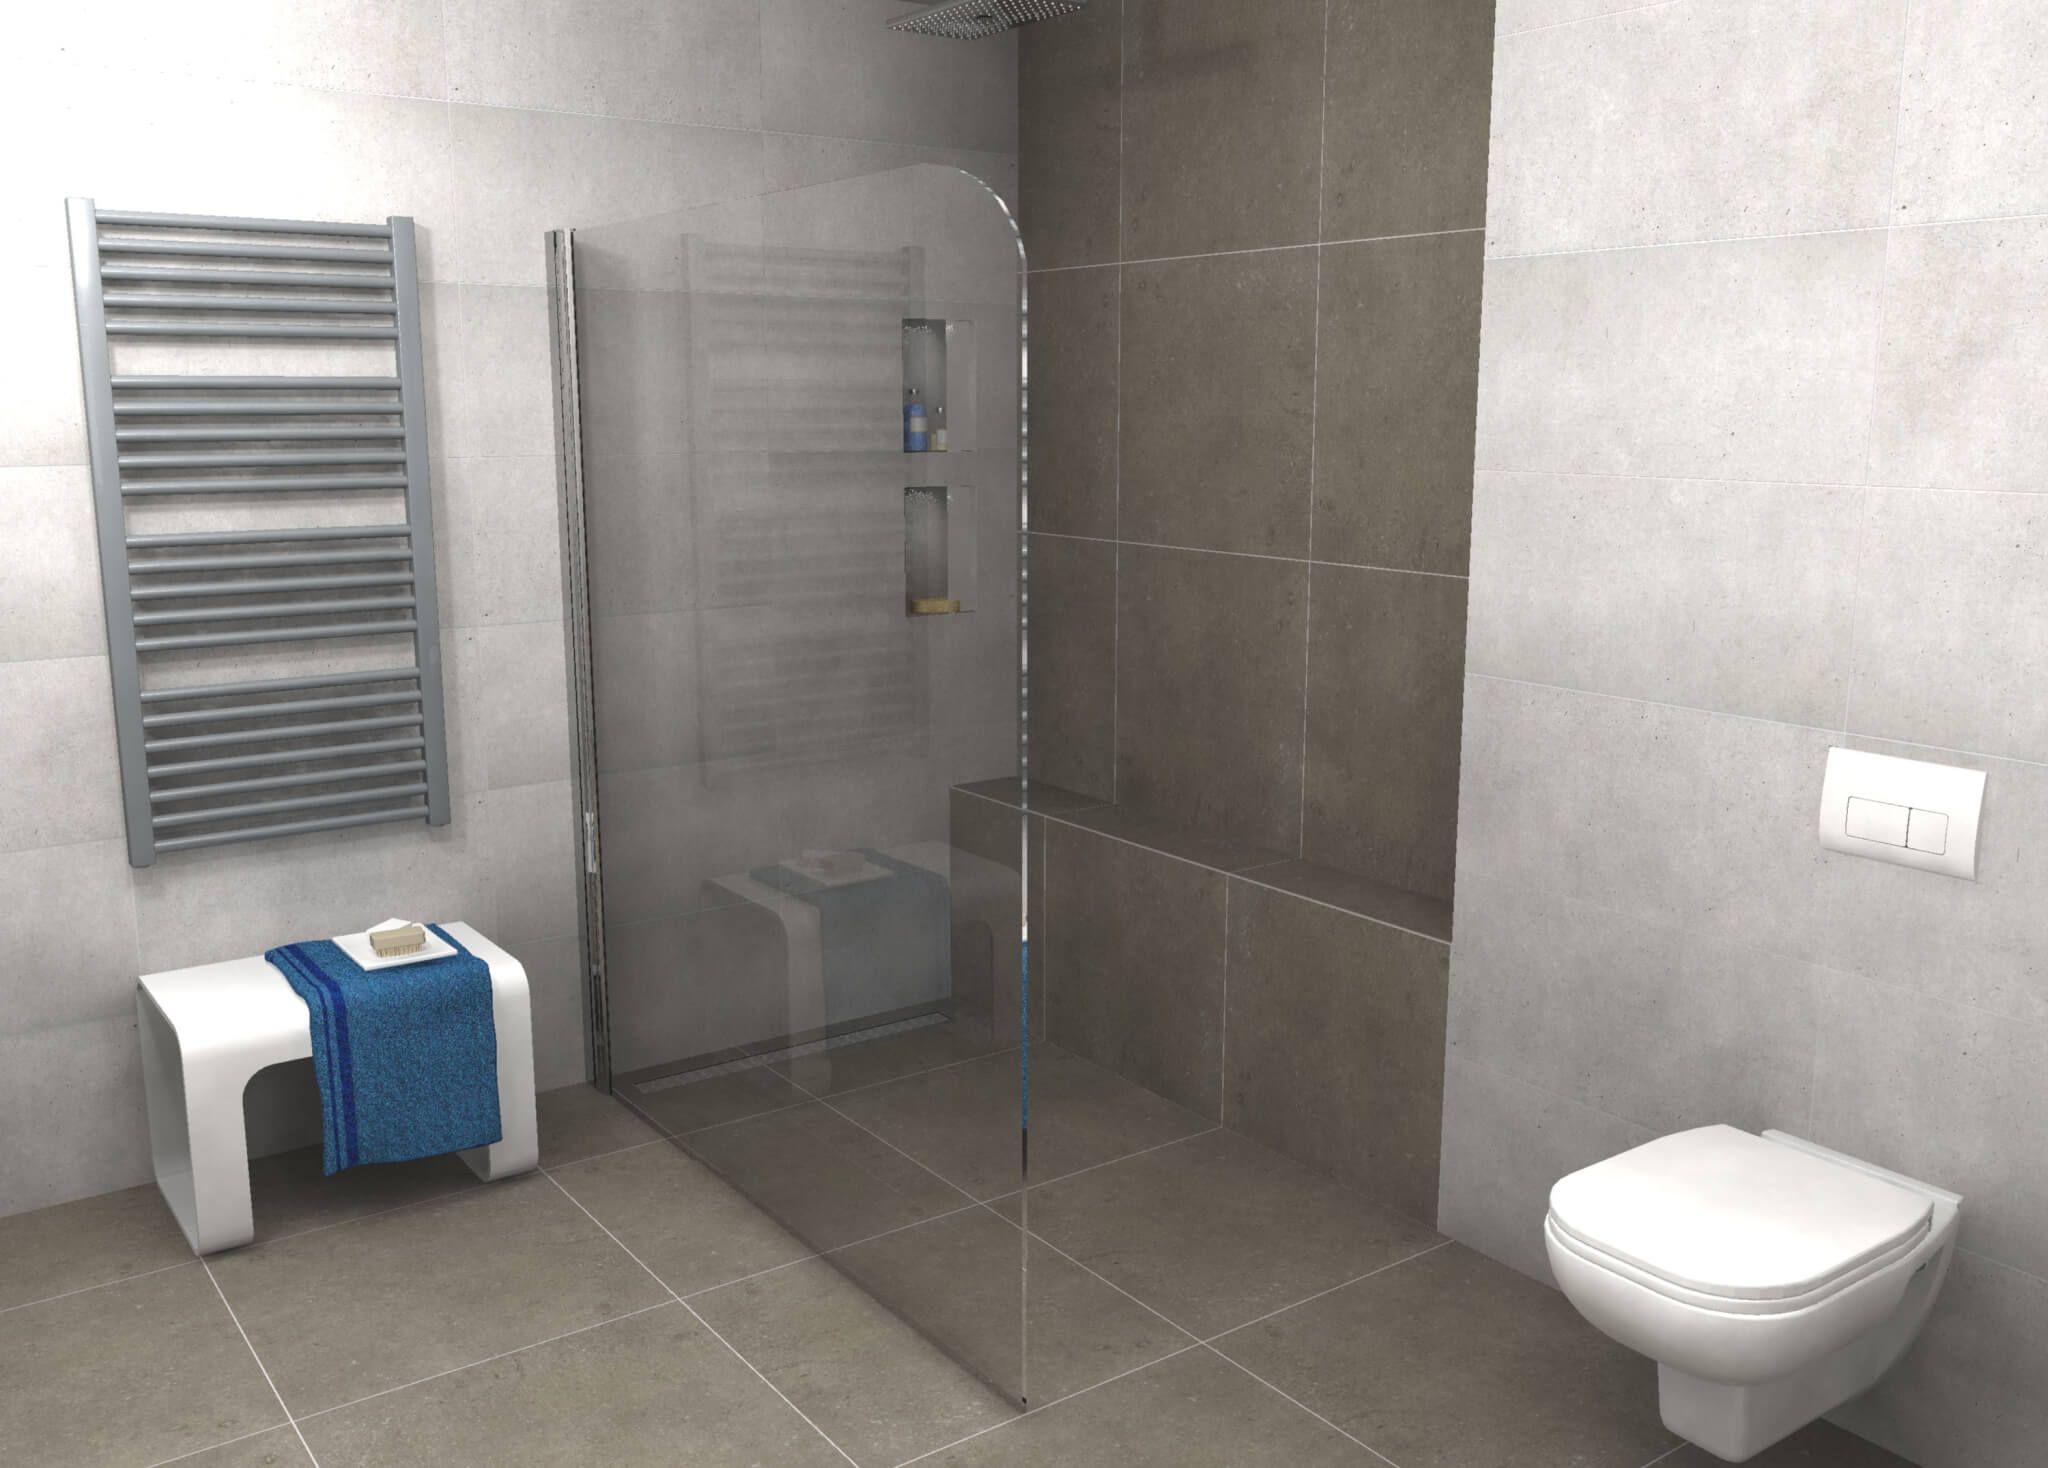 Afmeting Toilet Badkamer : Deze mooie badkamer is gerealiseerd met de portinari nobilis tegel